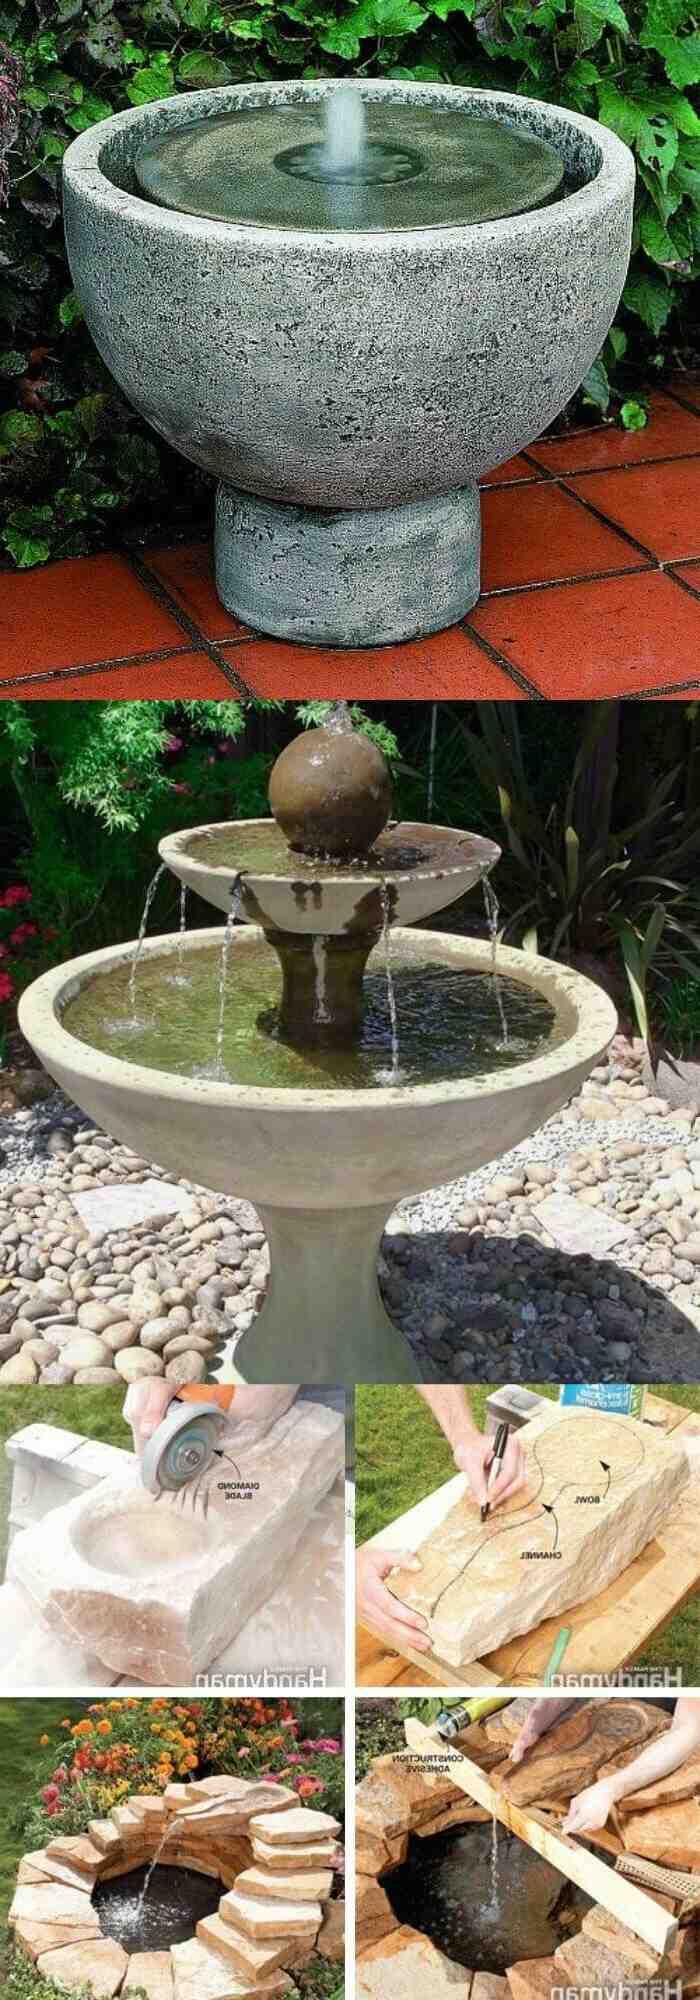 Comment faire une fontaine extérieure ?